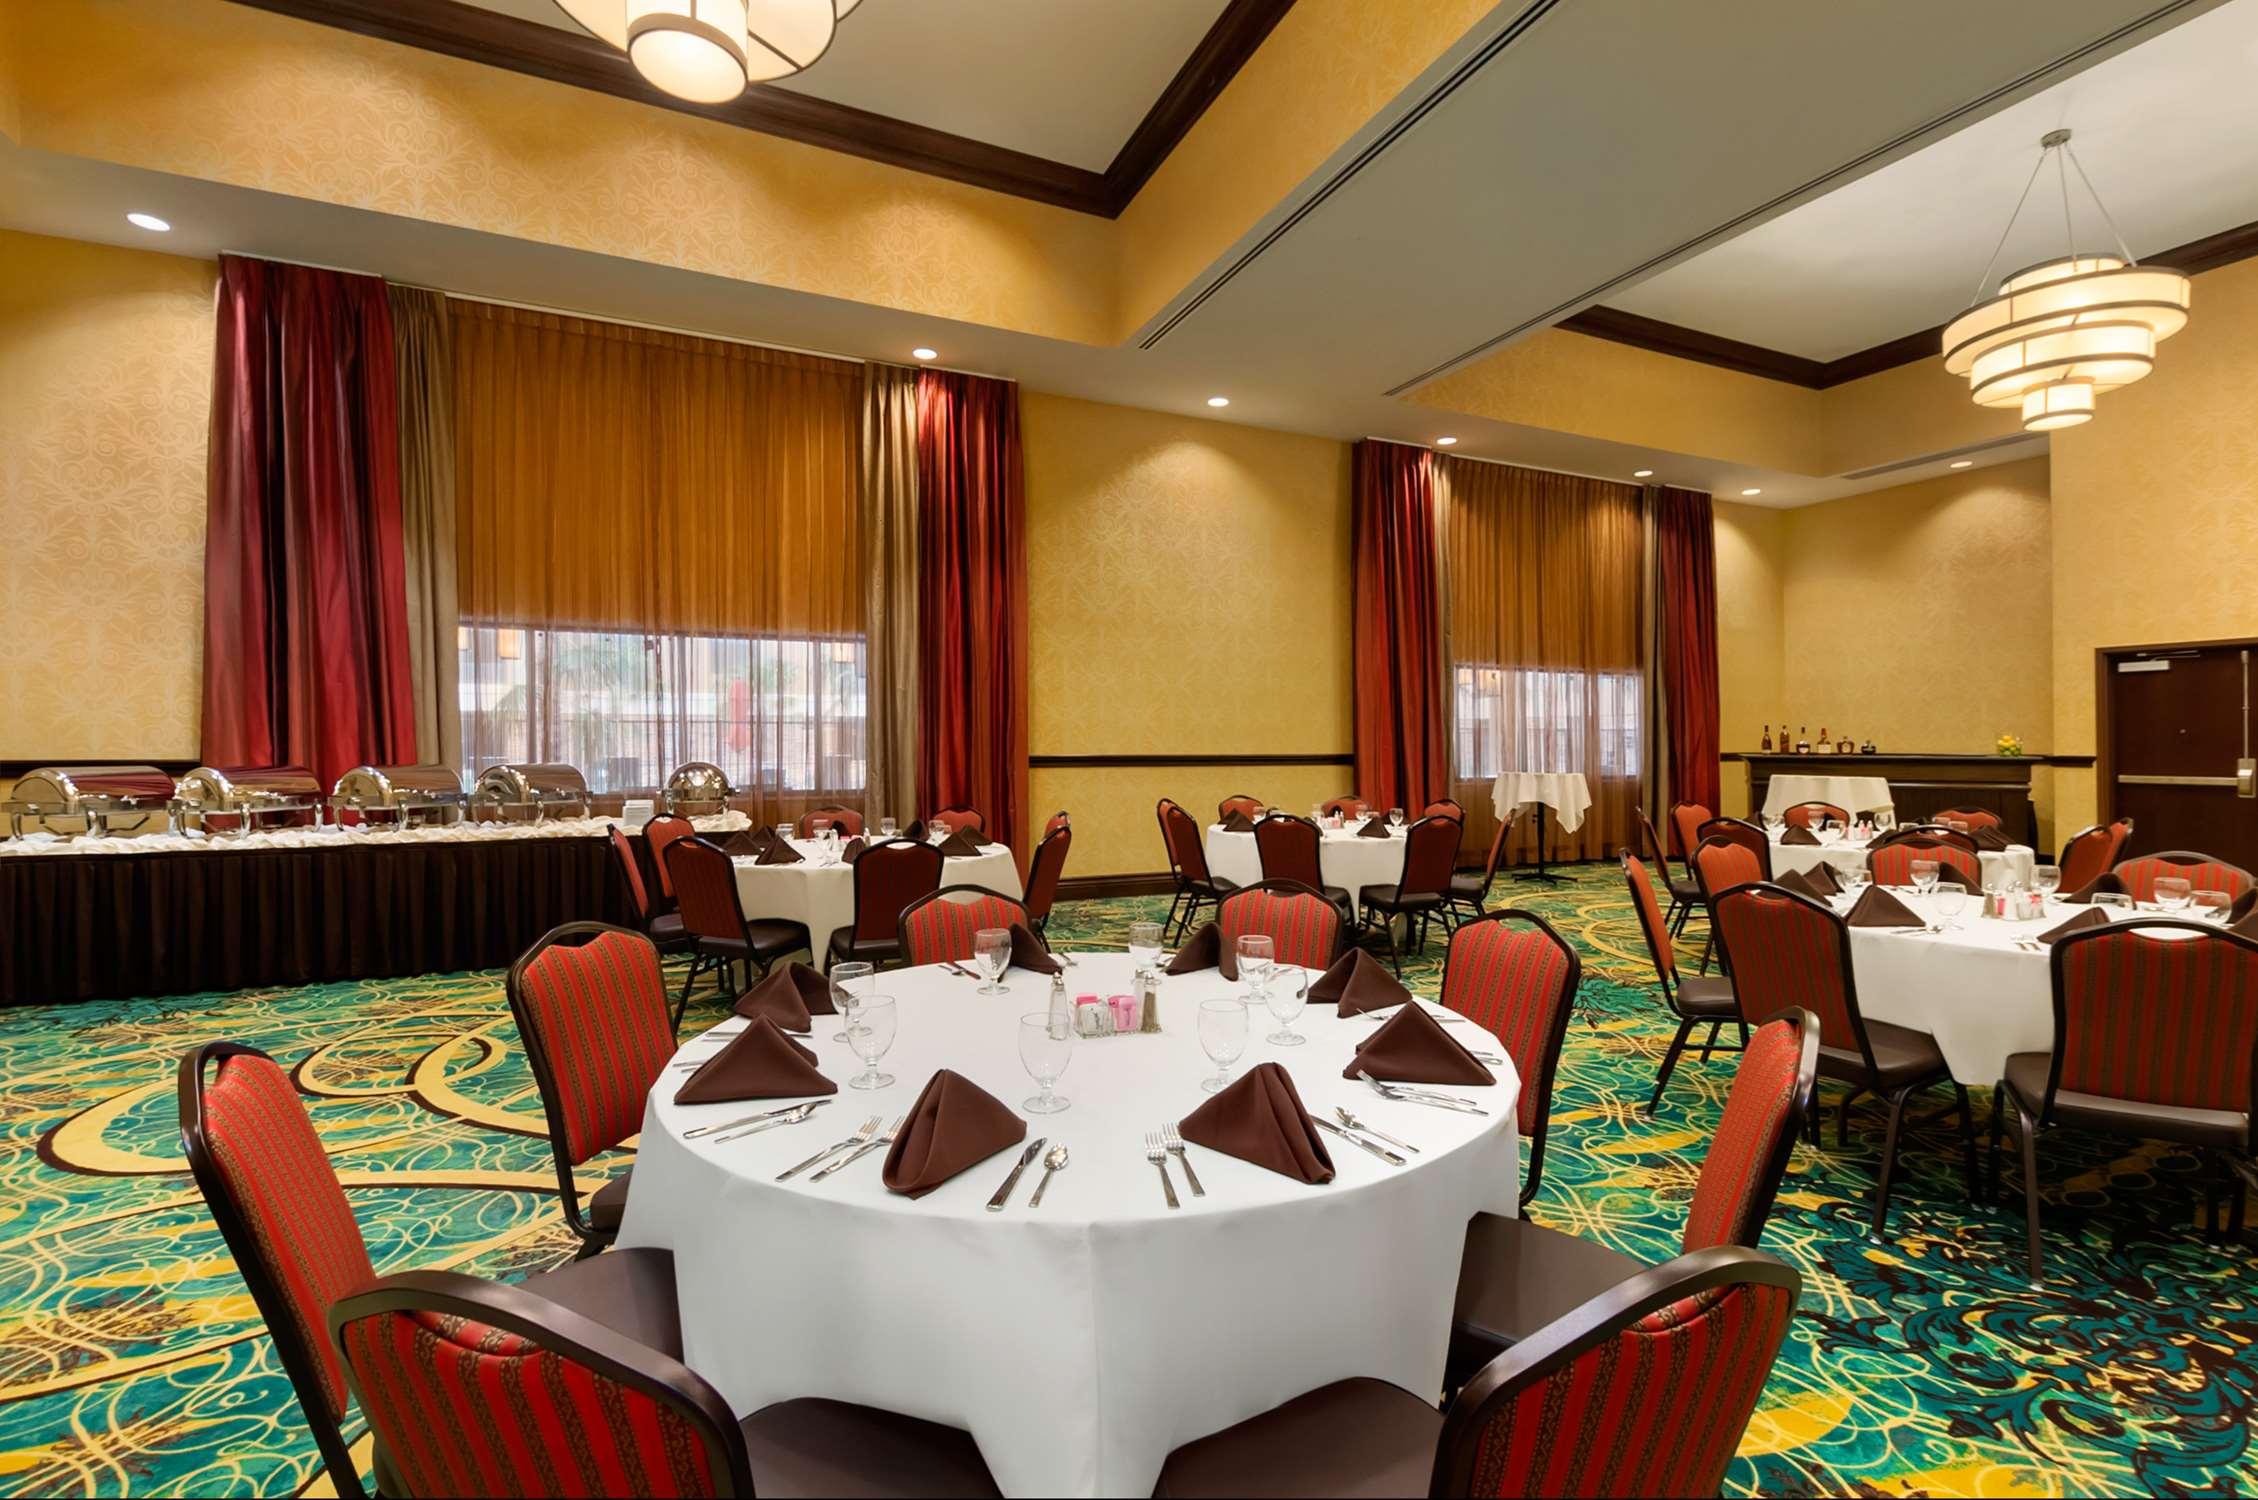 Hilton Garden Inn Shreveport Bossier City image 16